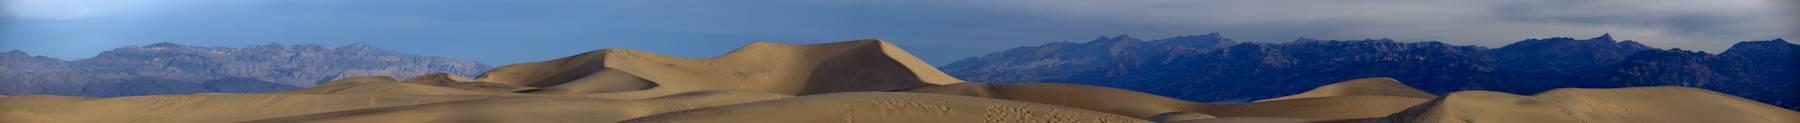 11_1death_valley_dunes_huge.jpg